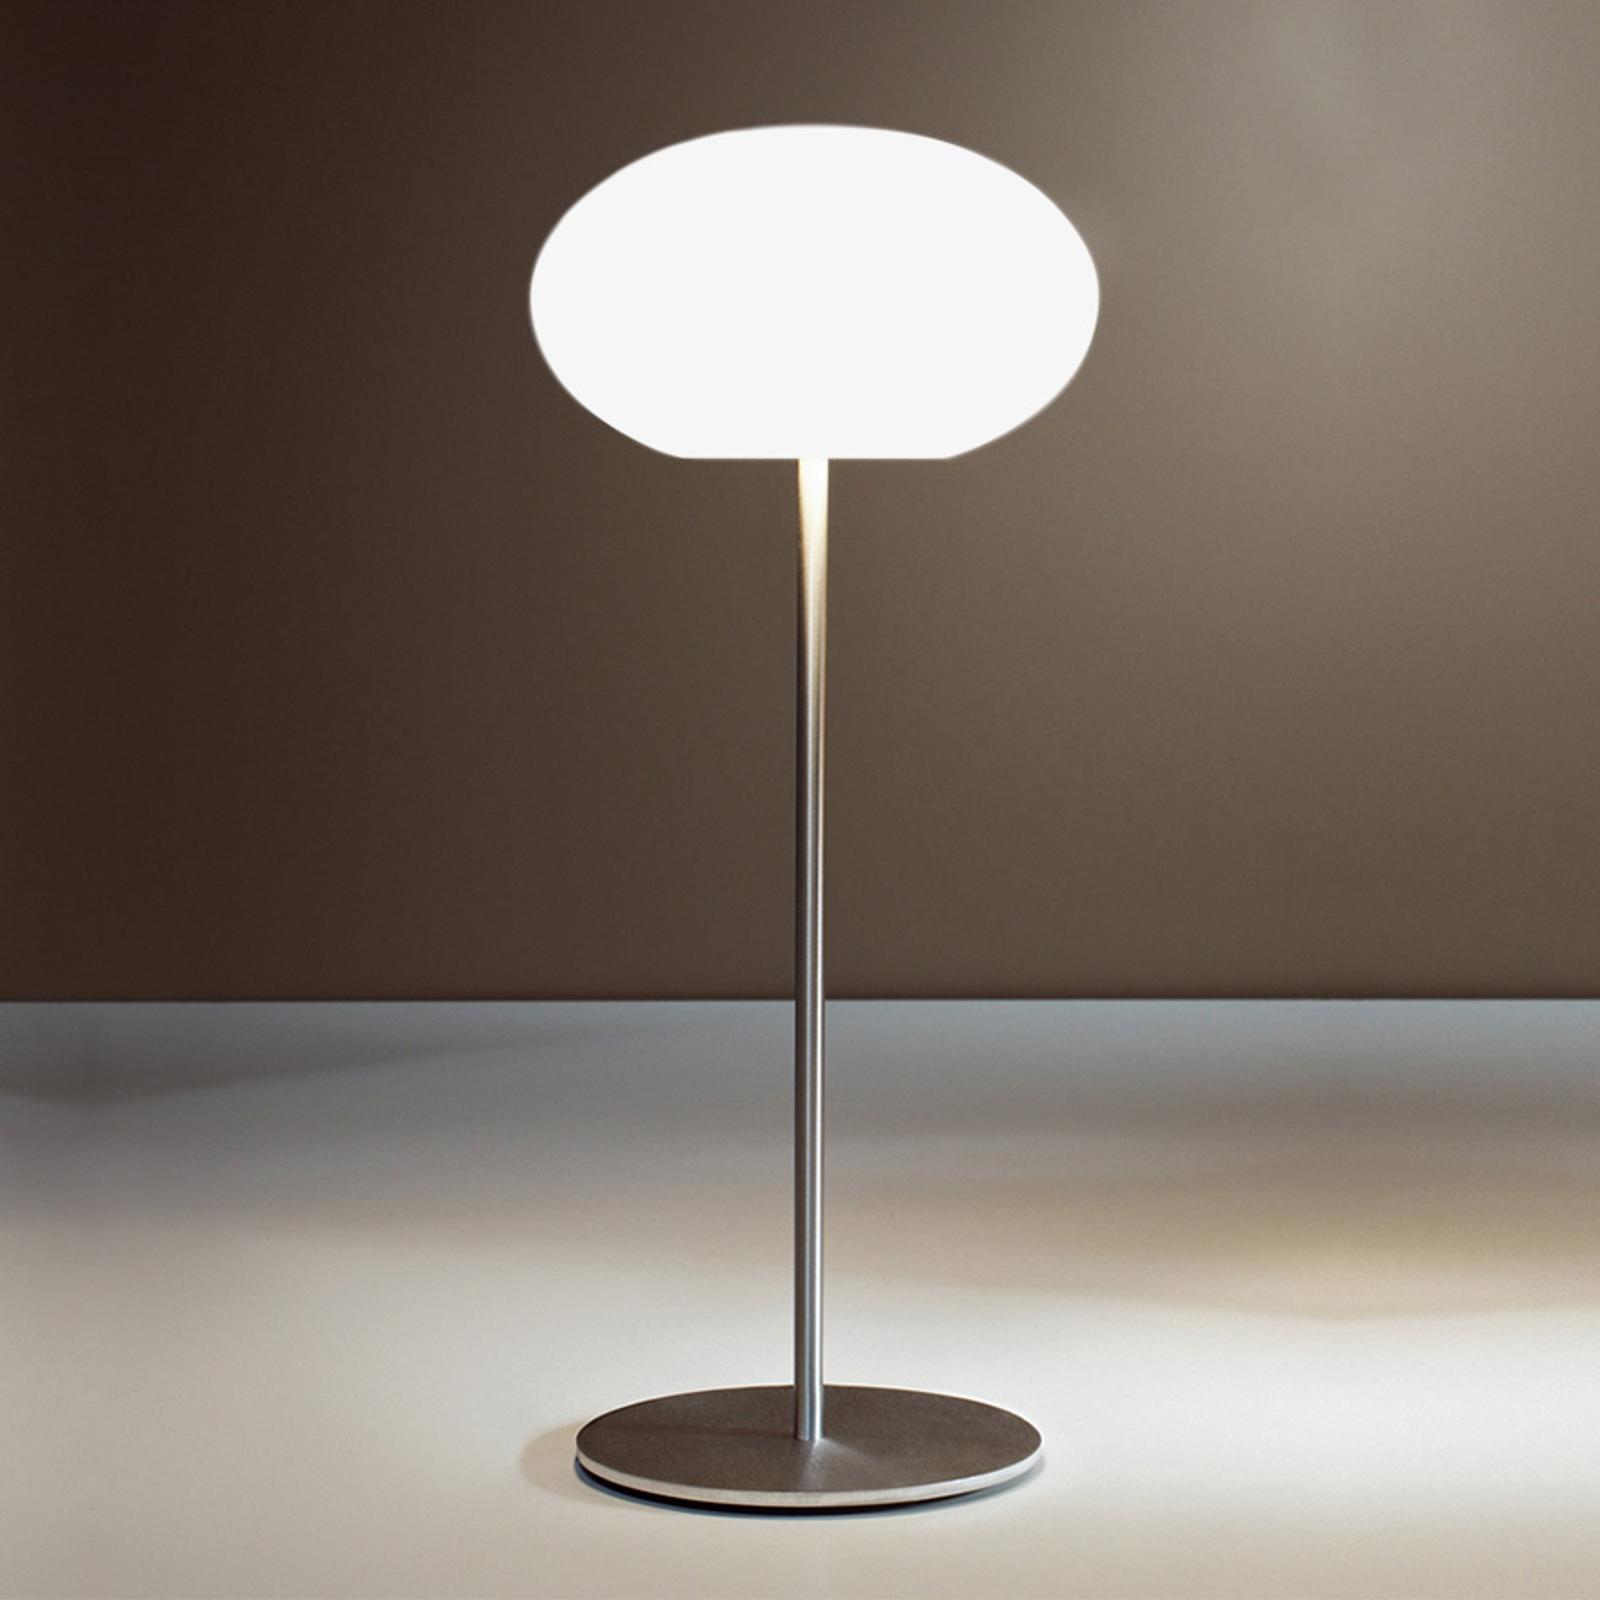 Casablanca Aih tafellamp, Ø 19cm wit mat